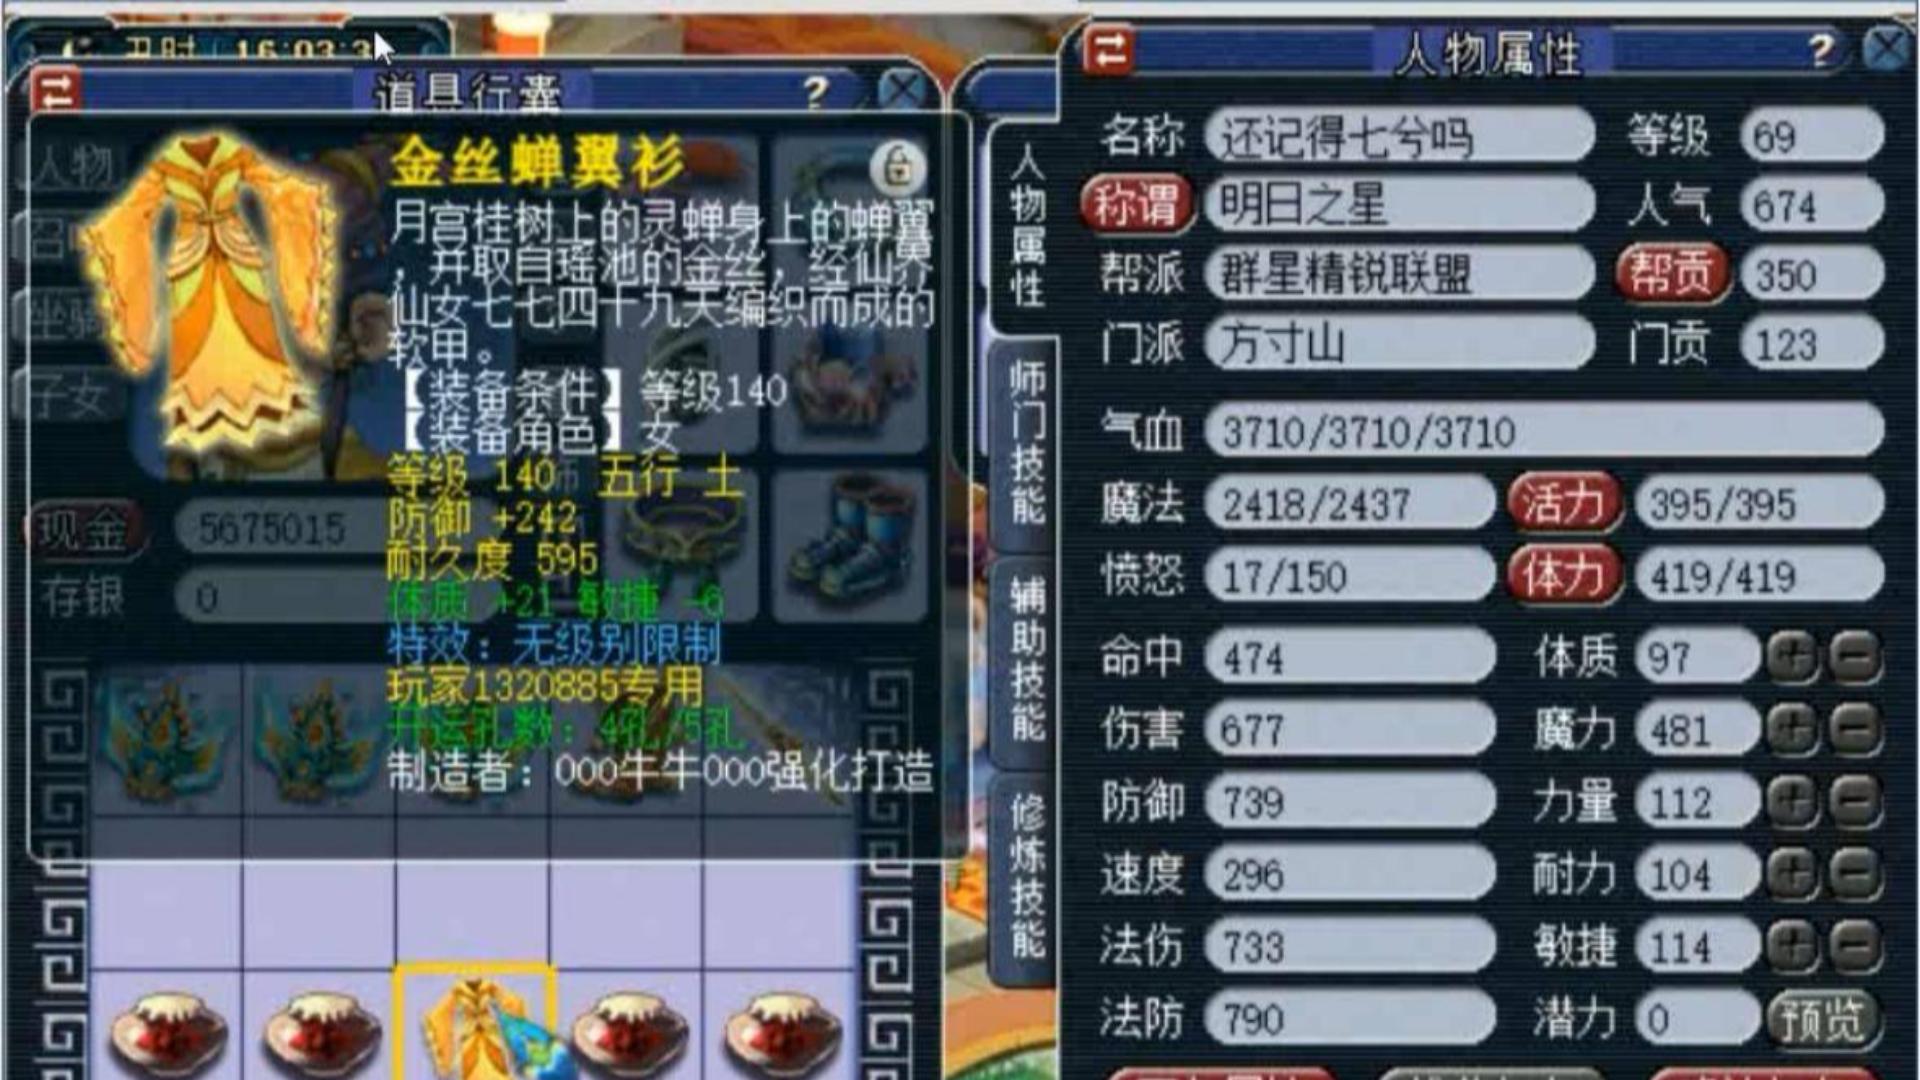 梦幻西游:69级号鉴定衣服点专用出了无级别,老王看看能值多少钱